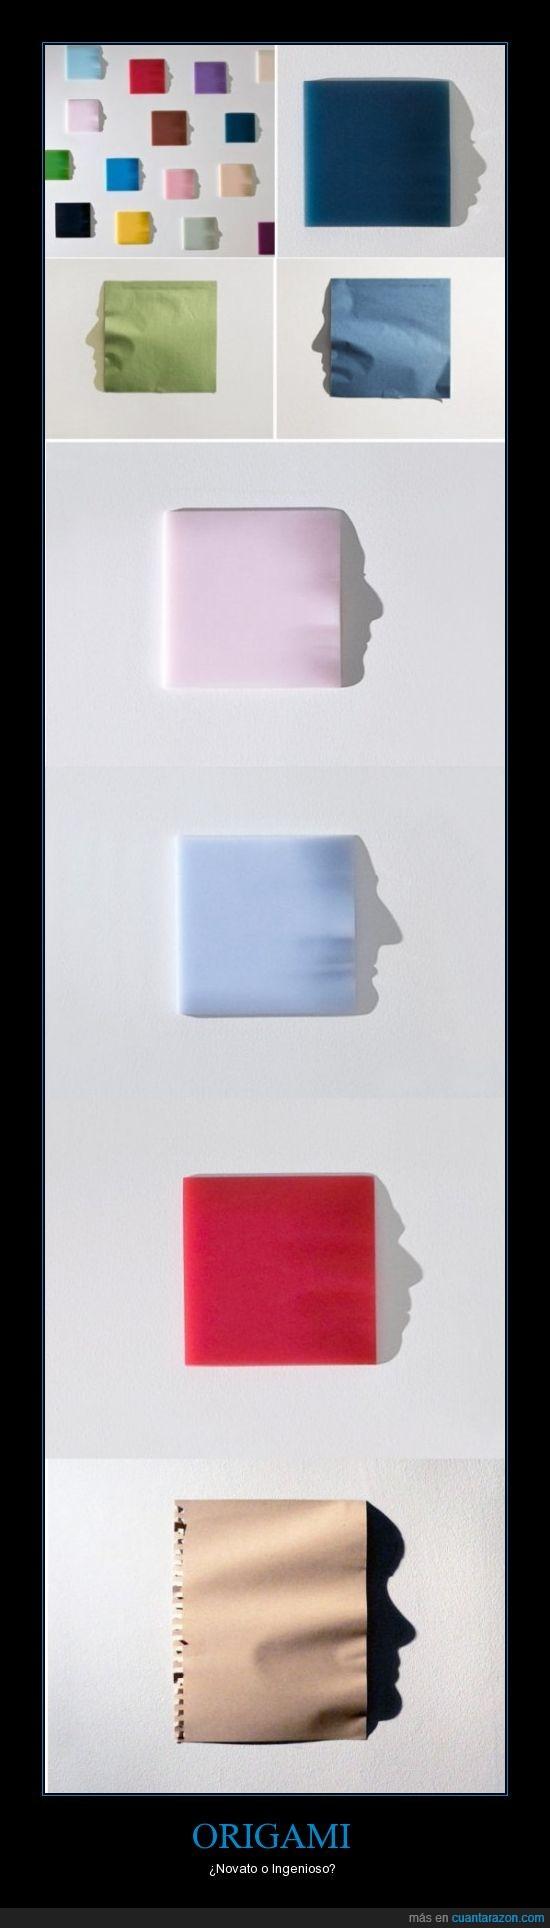 caras,ingenio,Kumi Yamashita,origami,relieve